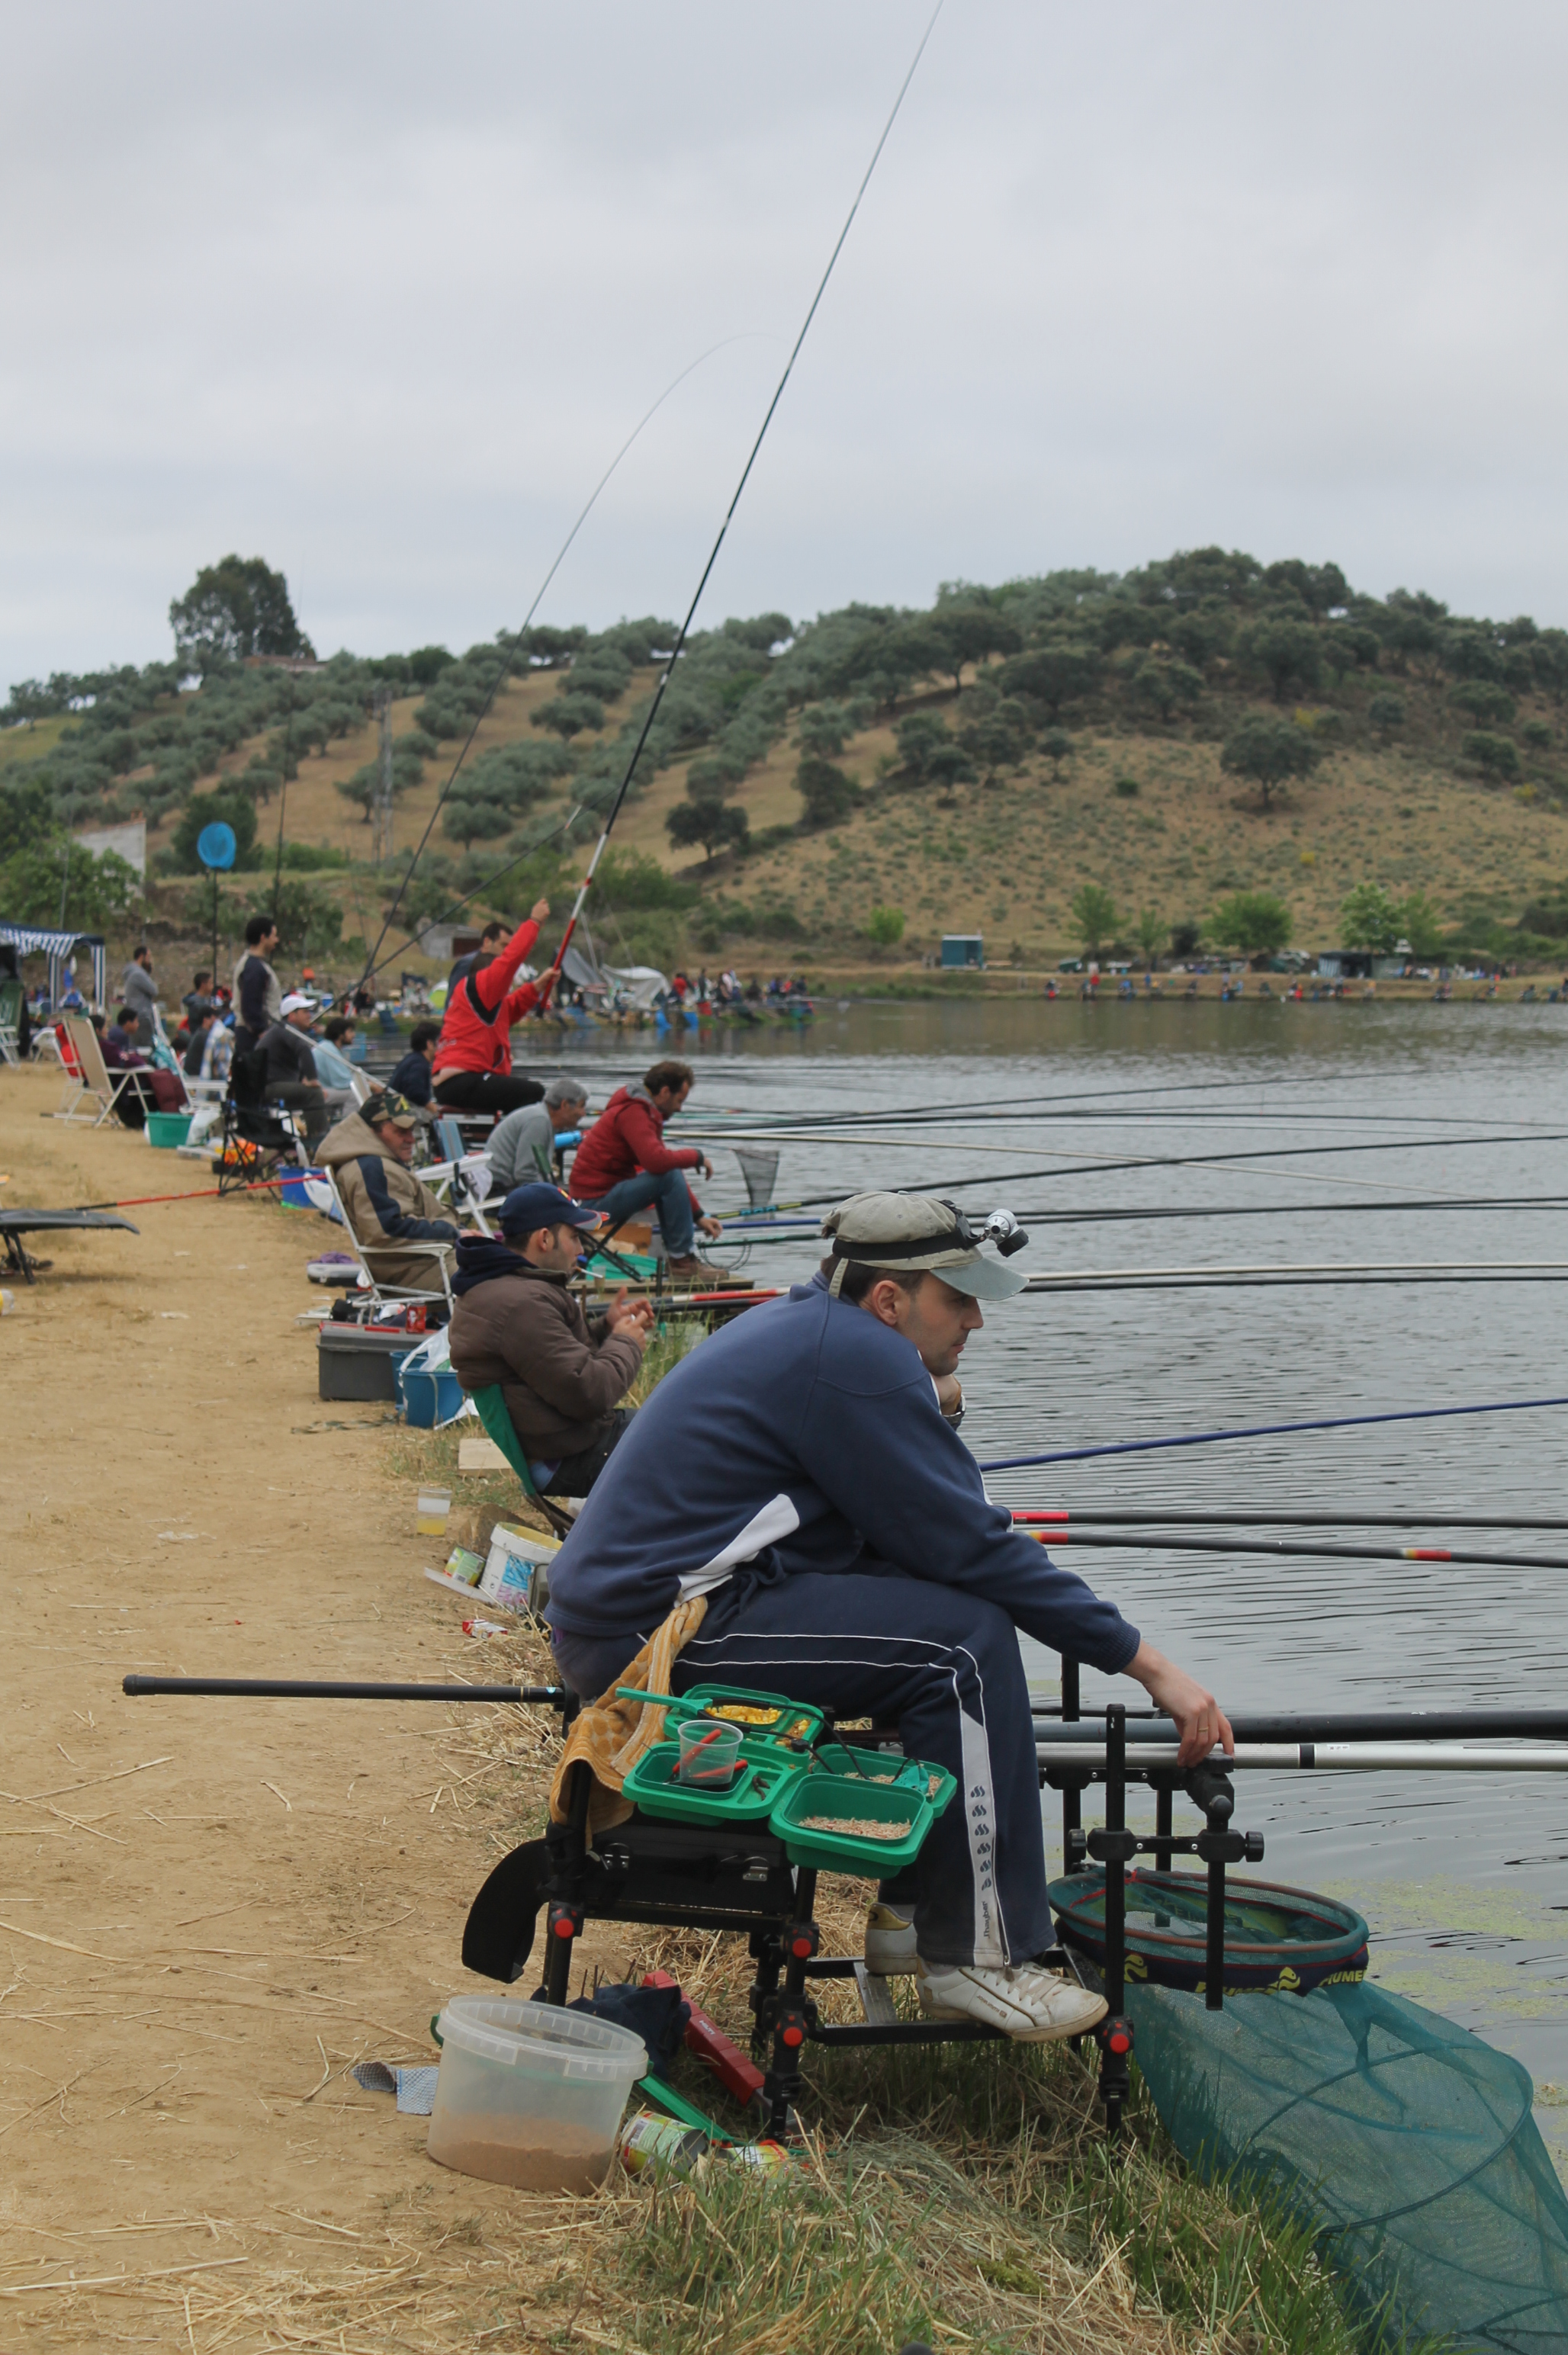 294 Concurso de pesca Charca de la Albuera